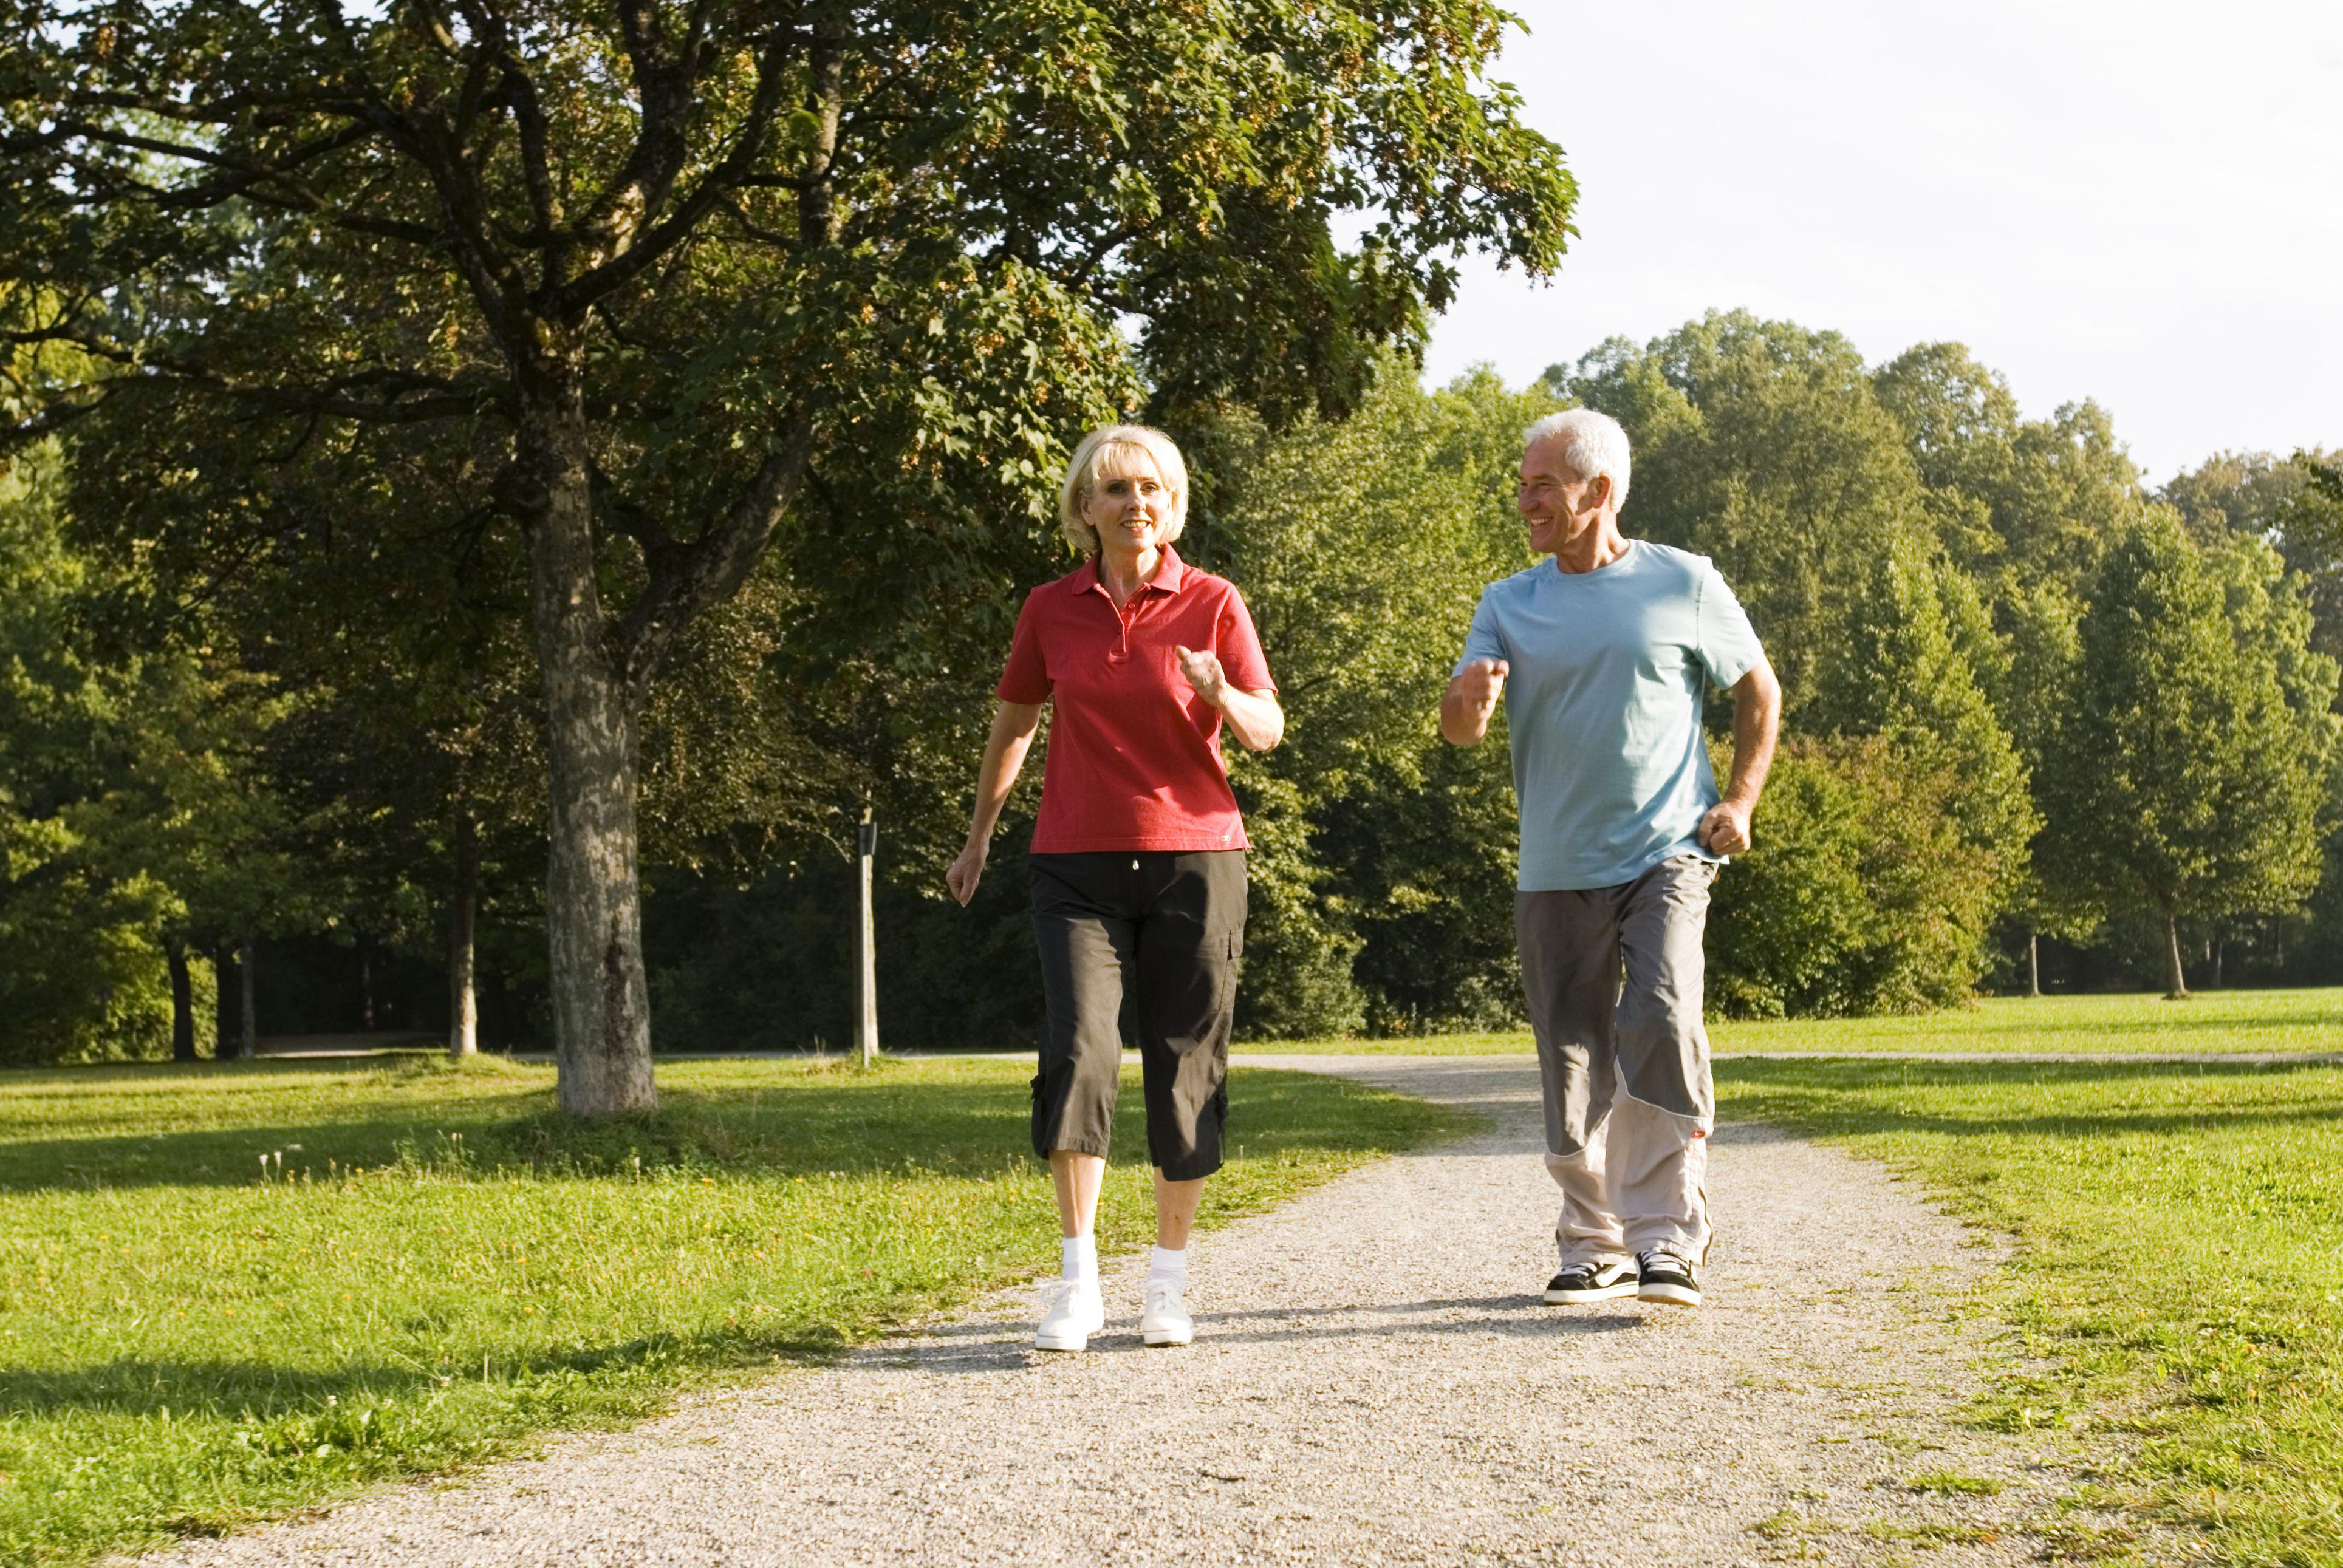 Couple Walking Briskly in Park